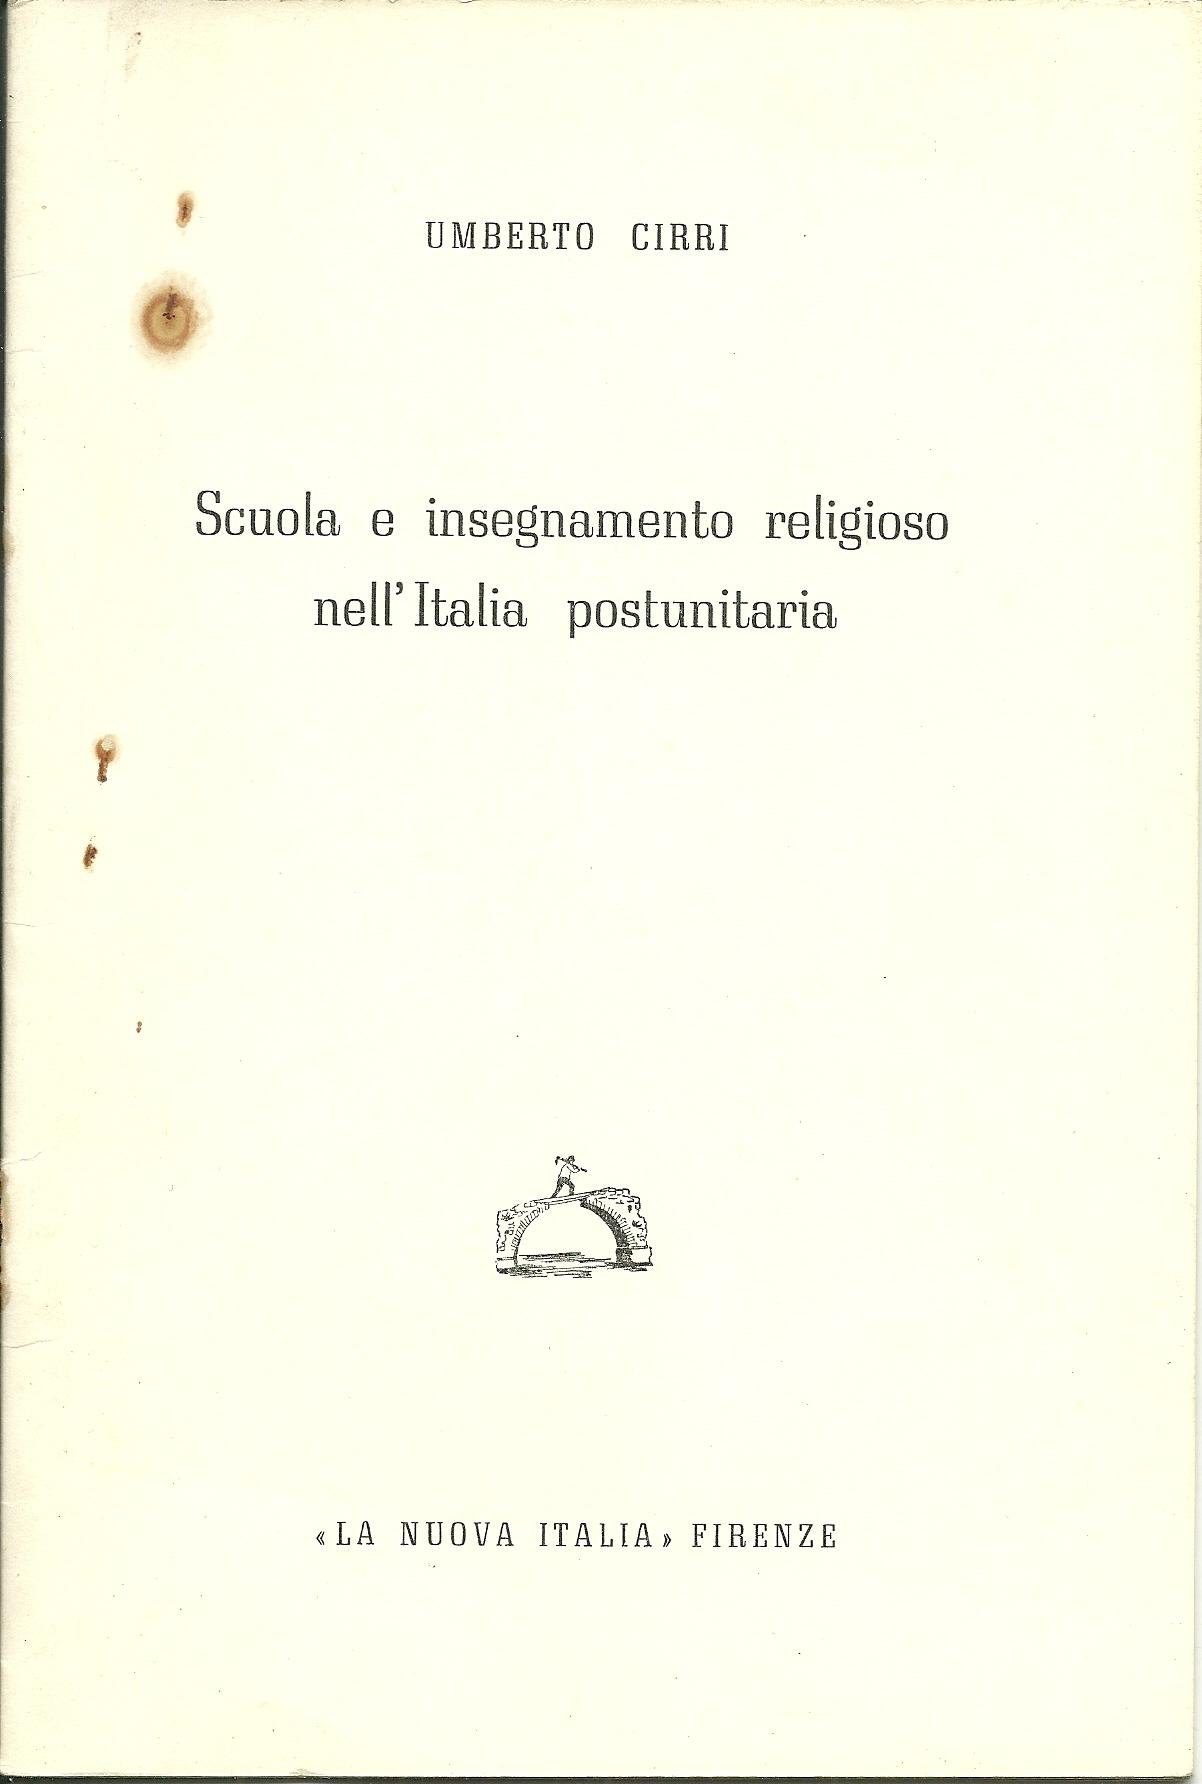 Scuola e insegnamento religioso nell'Italia postunitaria